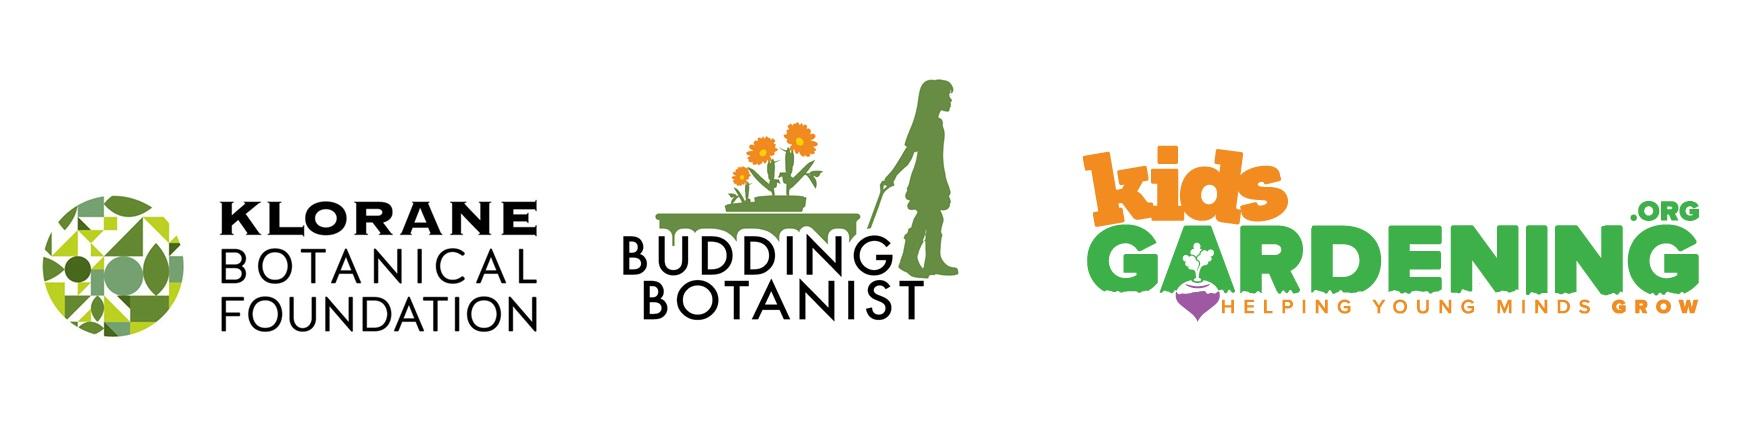 Citizens of the World Charter School named winner of 2018 Budding Botanist Grant